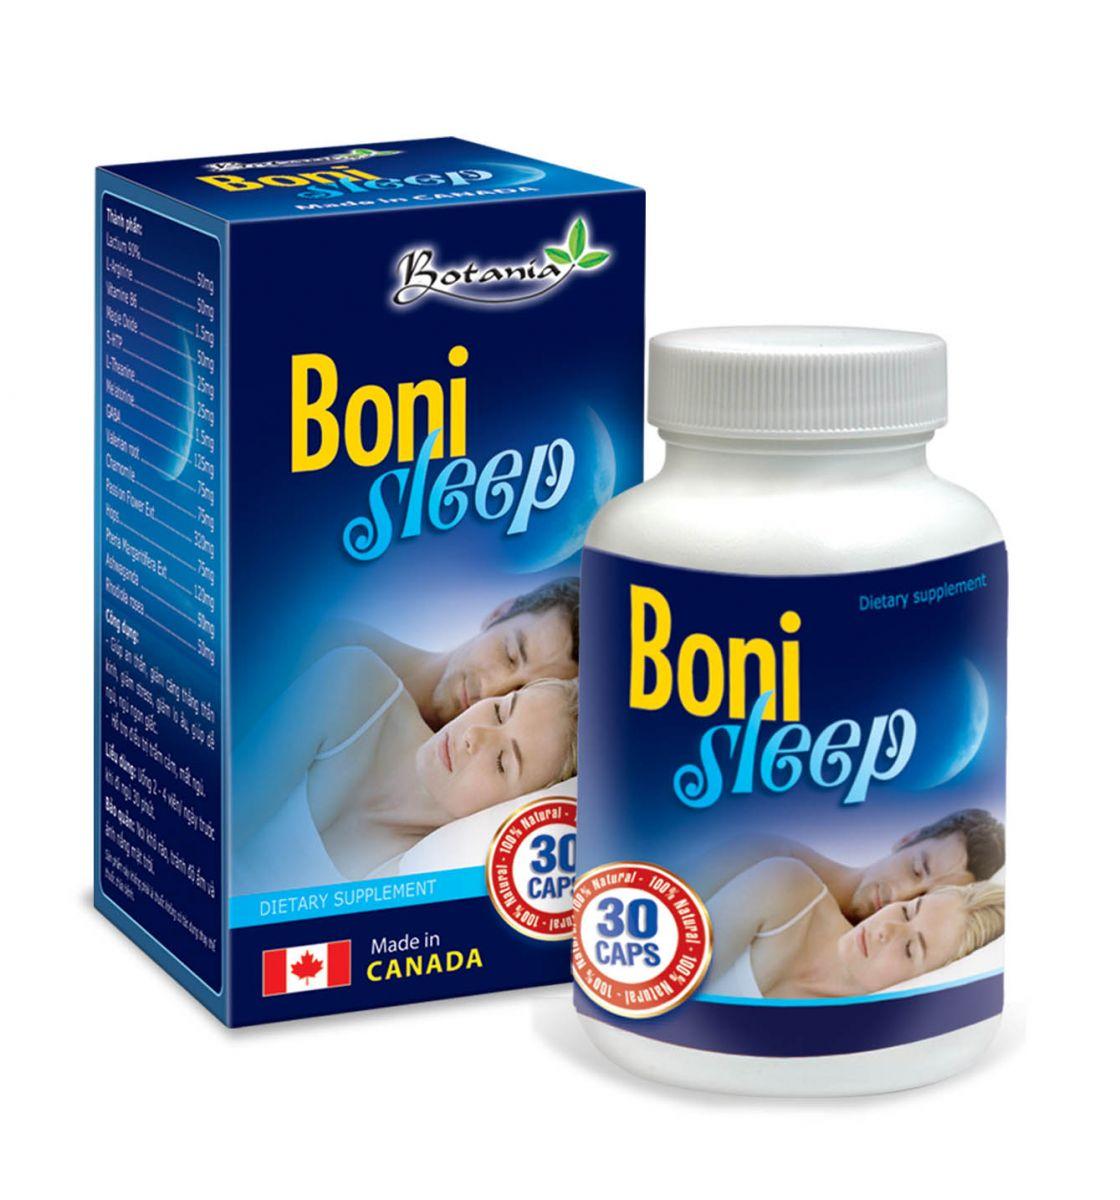 BoniSleep